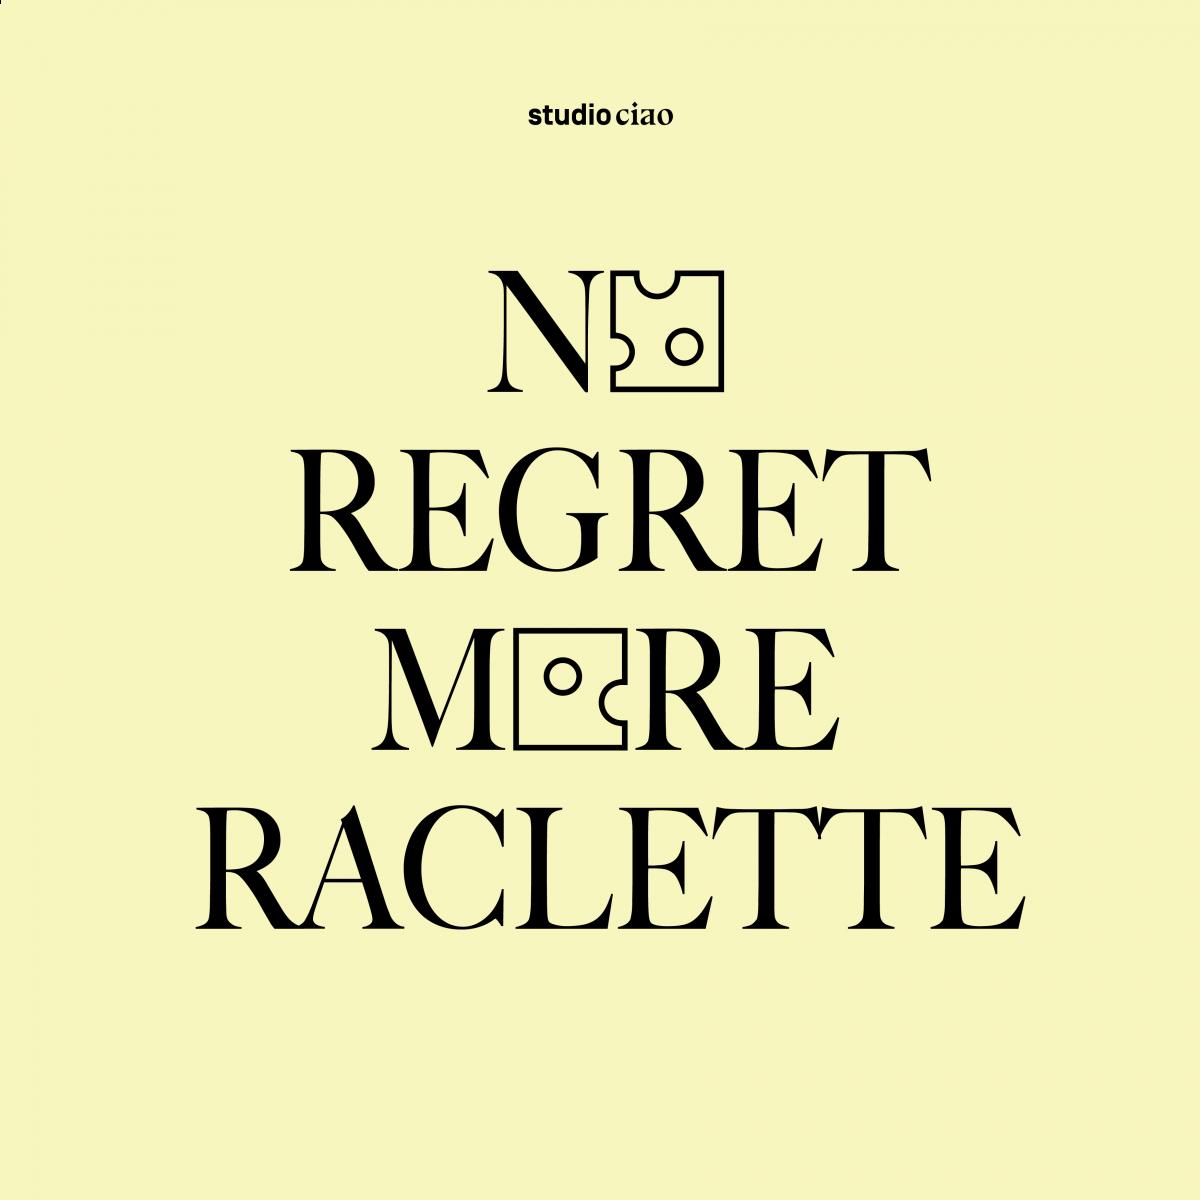 No Regret More Raclette Baumwolltasche – studio ciao